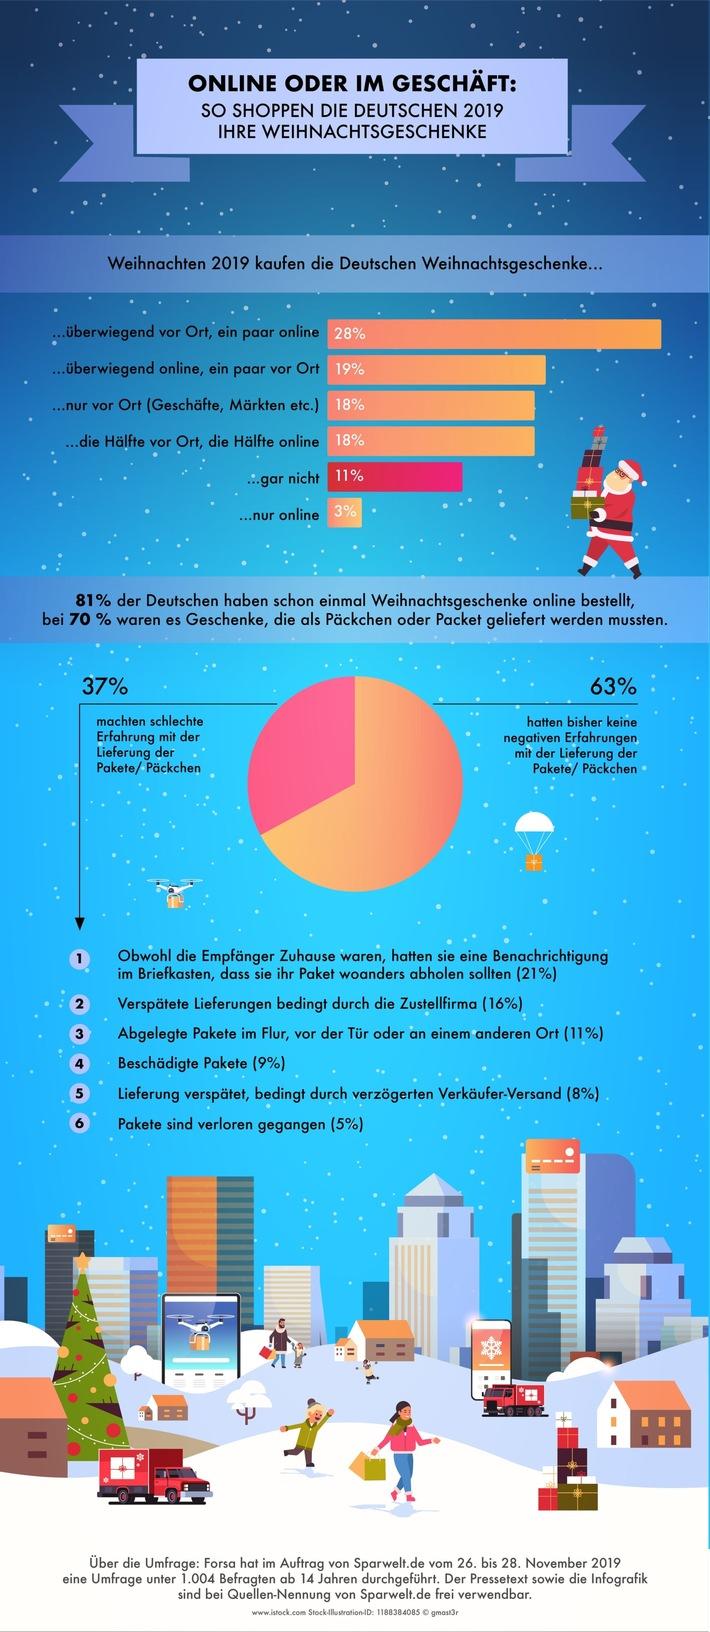 Die Deutschen kaufen ihre Weihnachtsgeschenke immer noch lieber vor Ort als online ein.